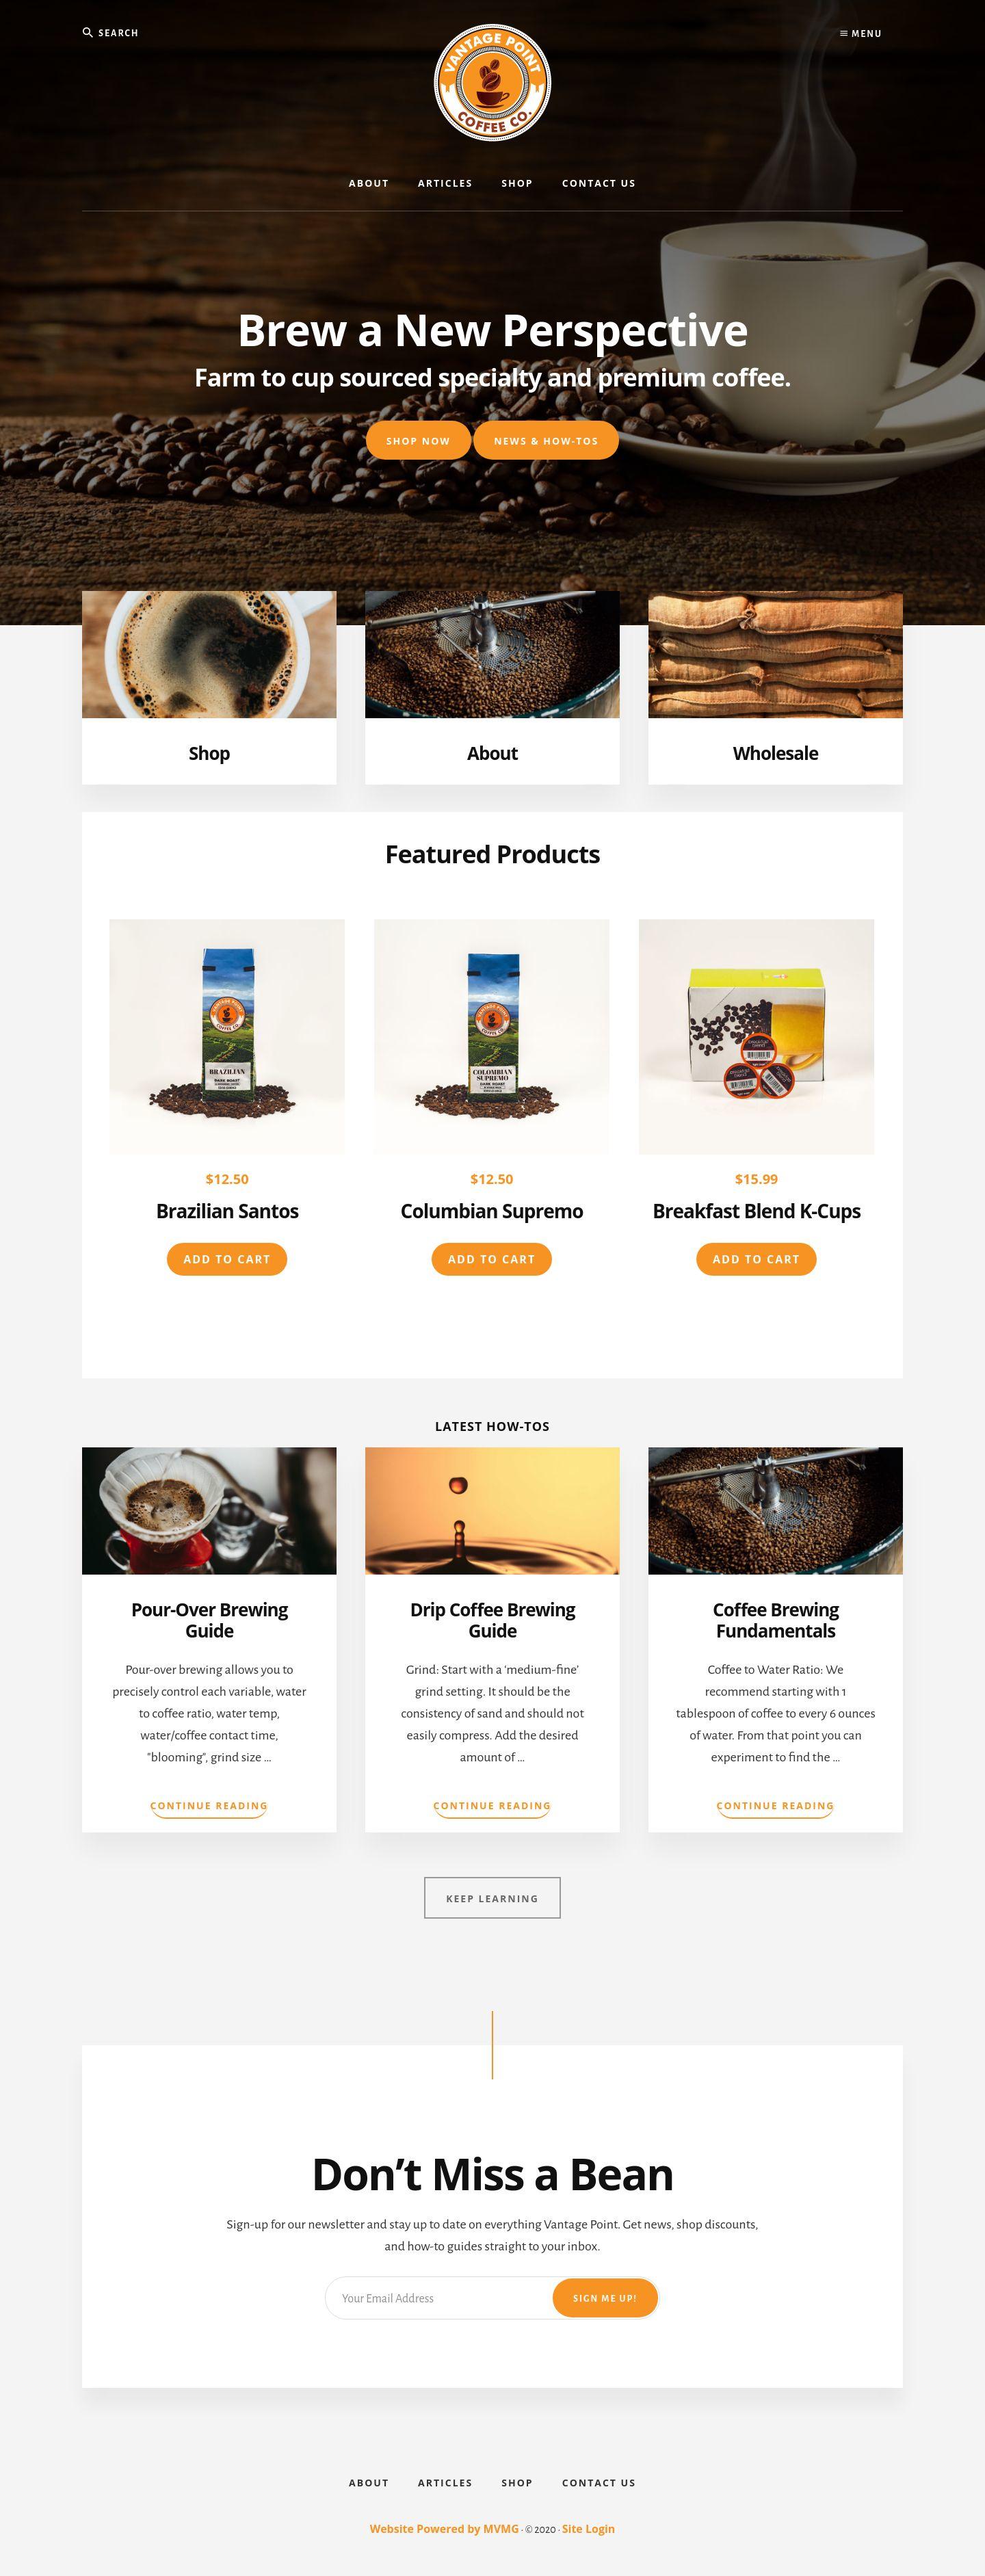 Marketing Writer work on Vantage Point Coffee website.